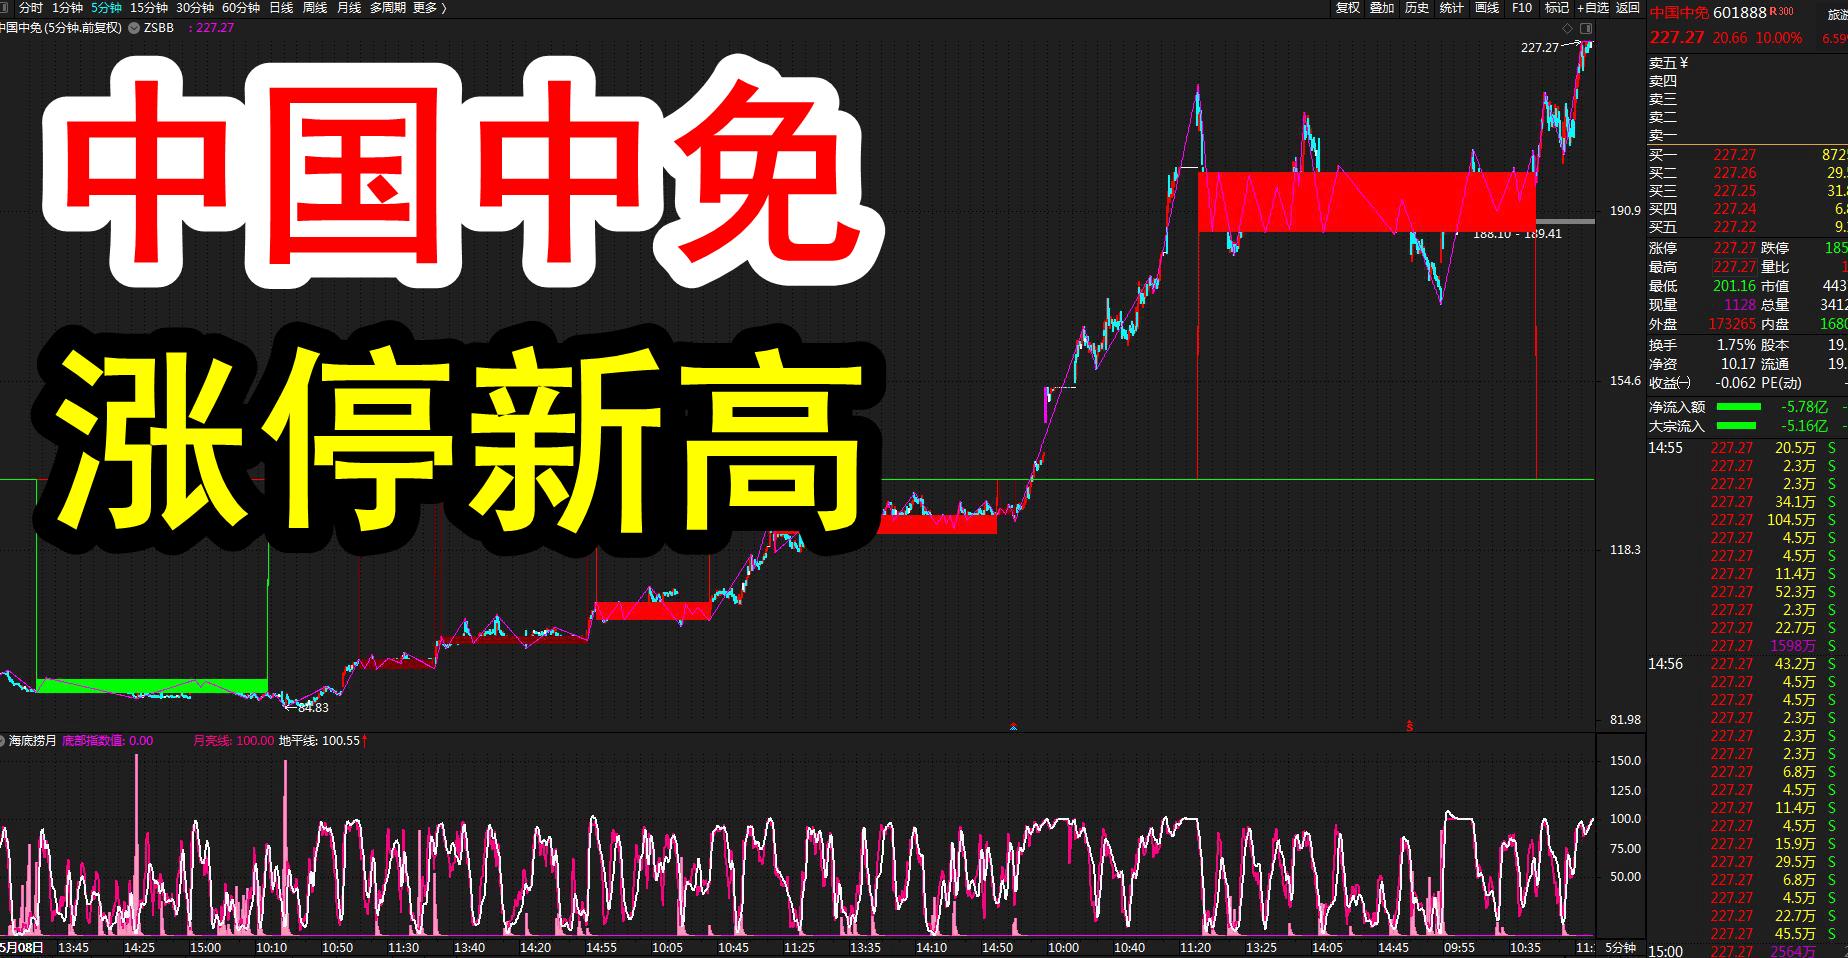 中国中免(601888)牛市放量涨停,缠论K线教科书式图解!(7月23日)